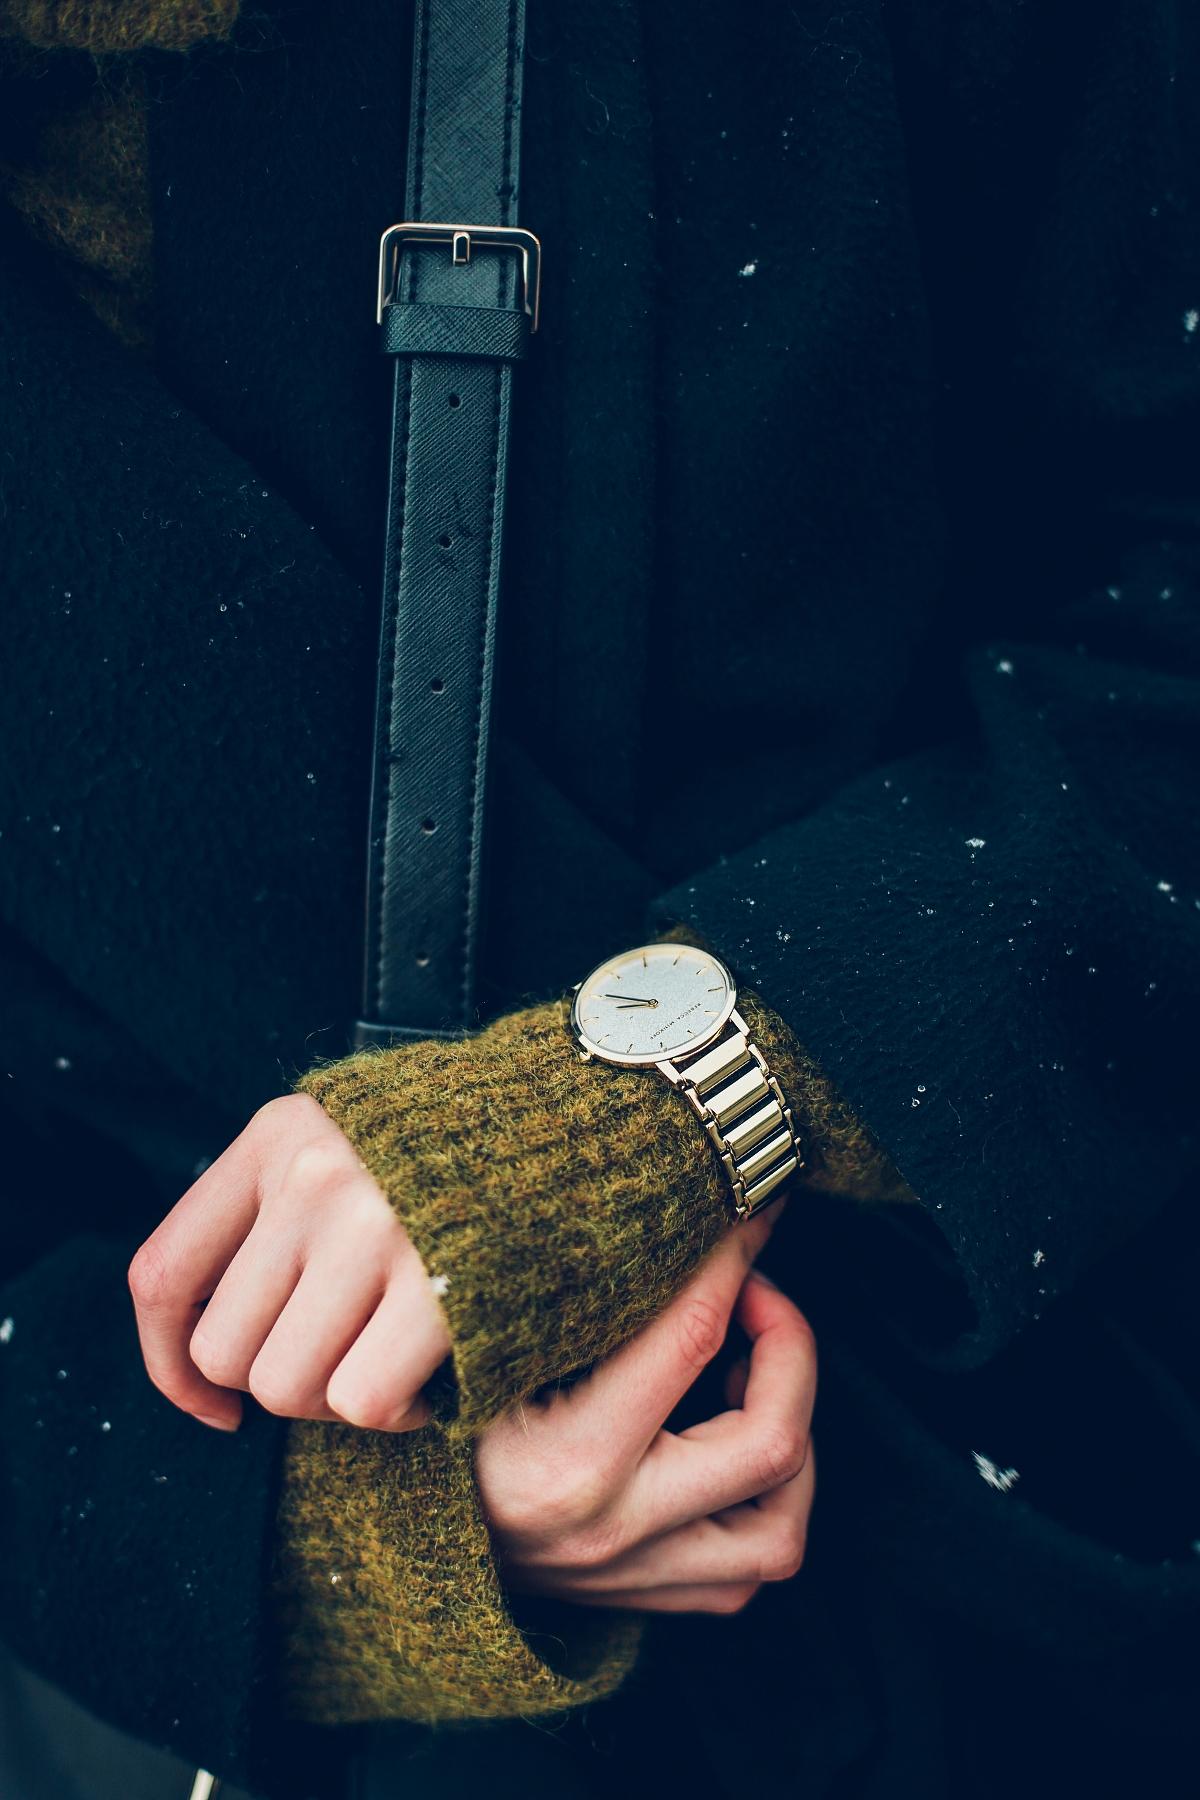 zegarek rebecca minkoff jarmark bożonarodzeniowy Gdańsk (20)